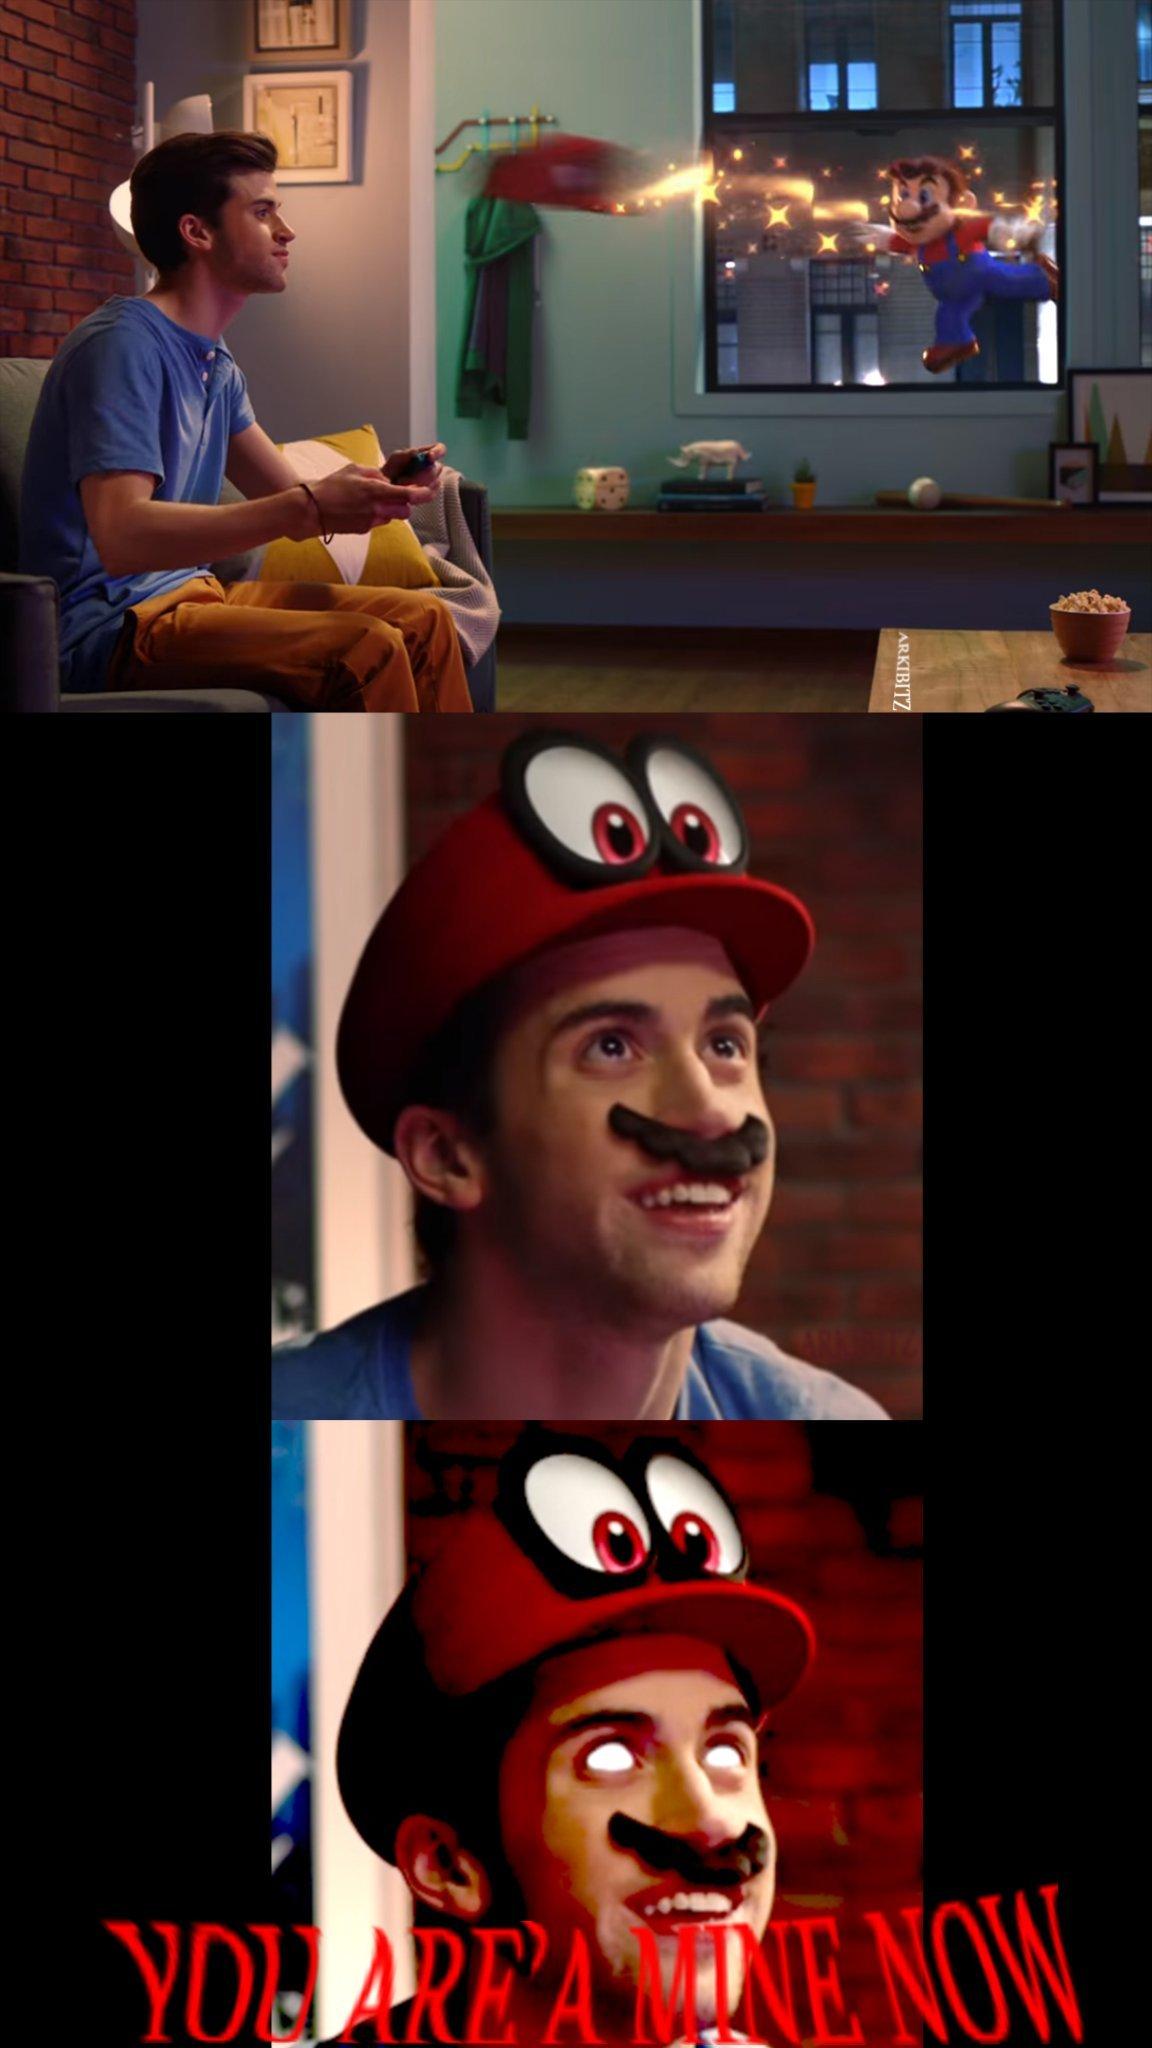 Mario POSESSION - meme